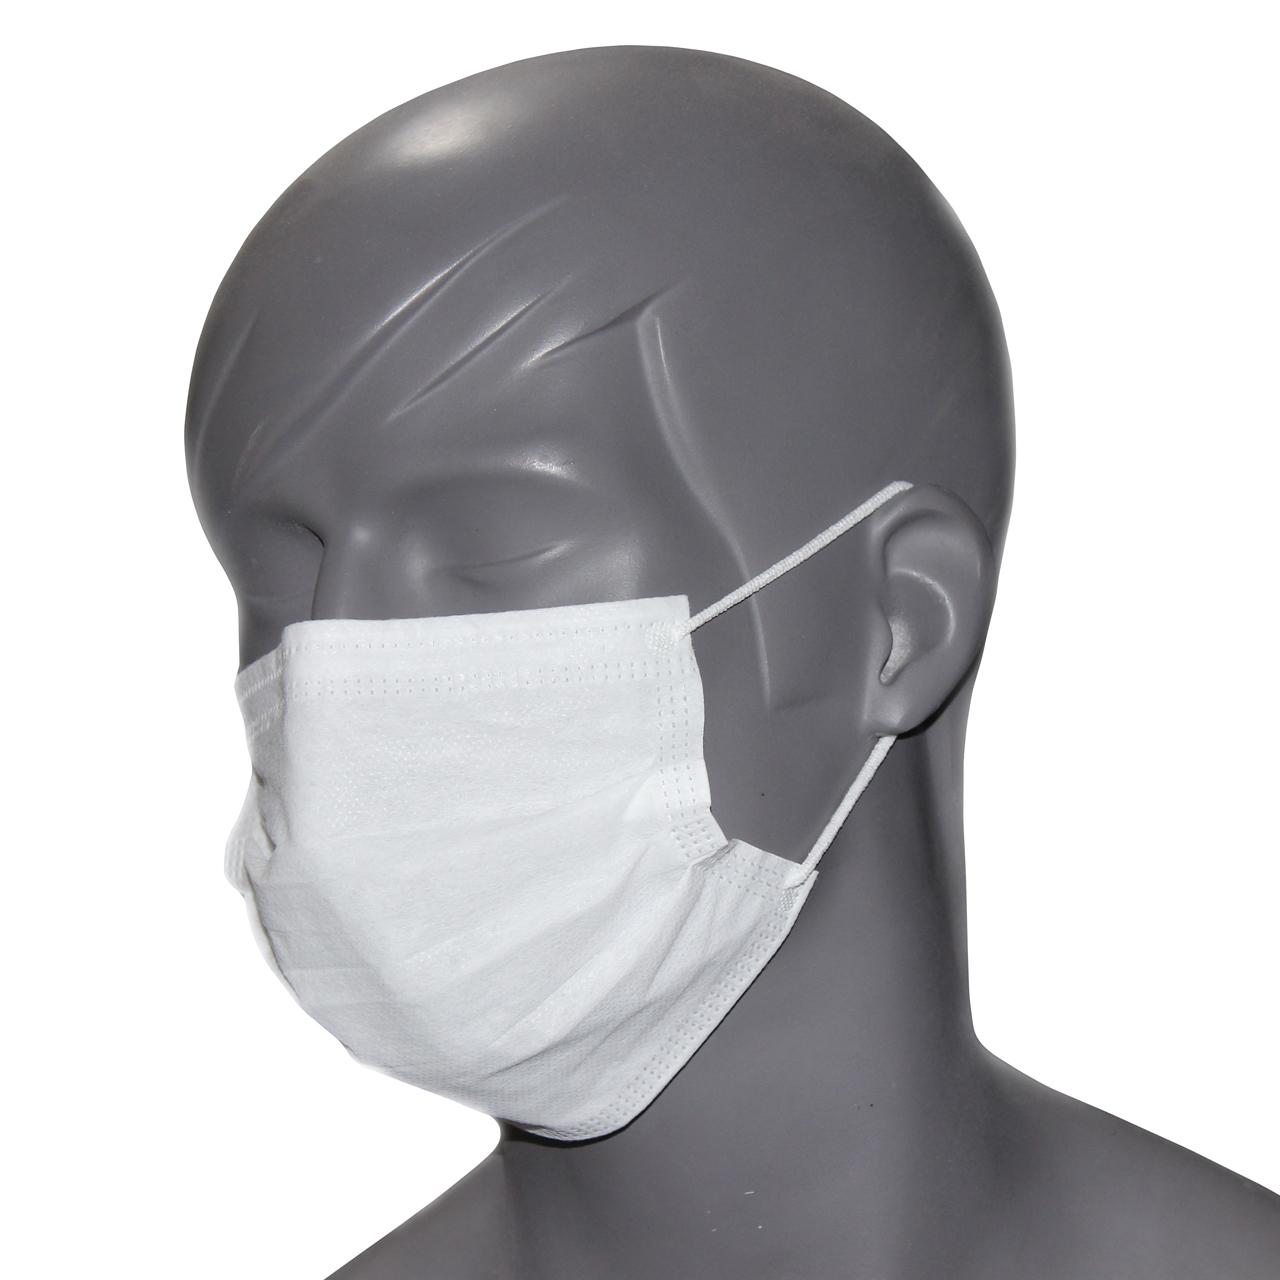 ماسک تنفسی می ماسک مدل 6020 بسته ۲۰۰ عددی